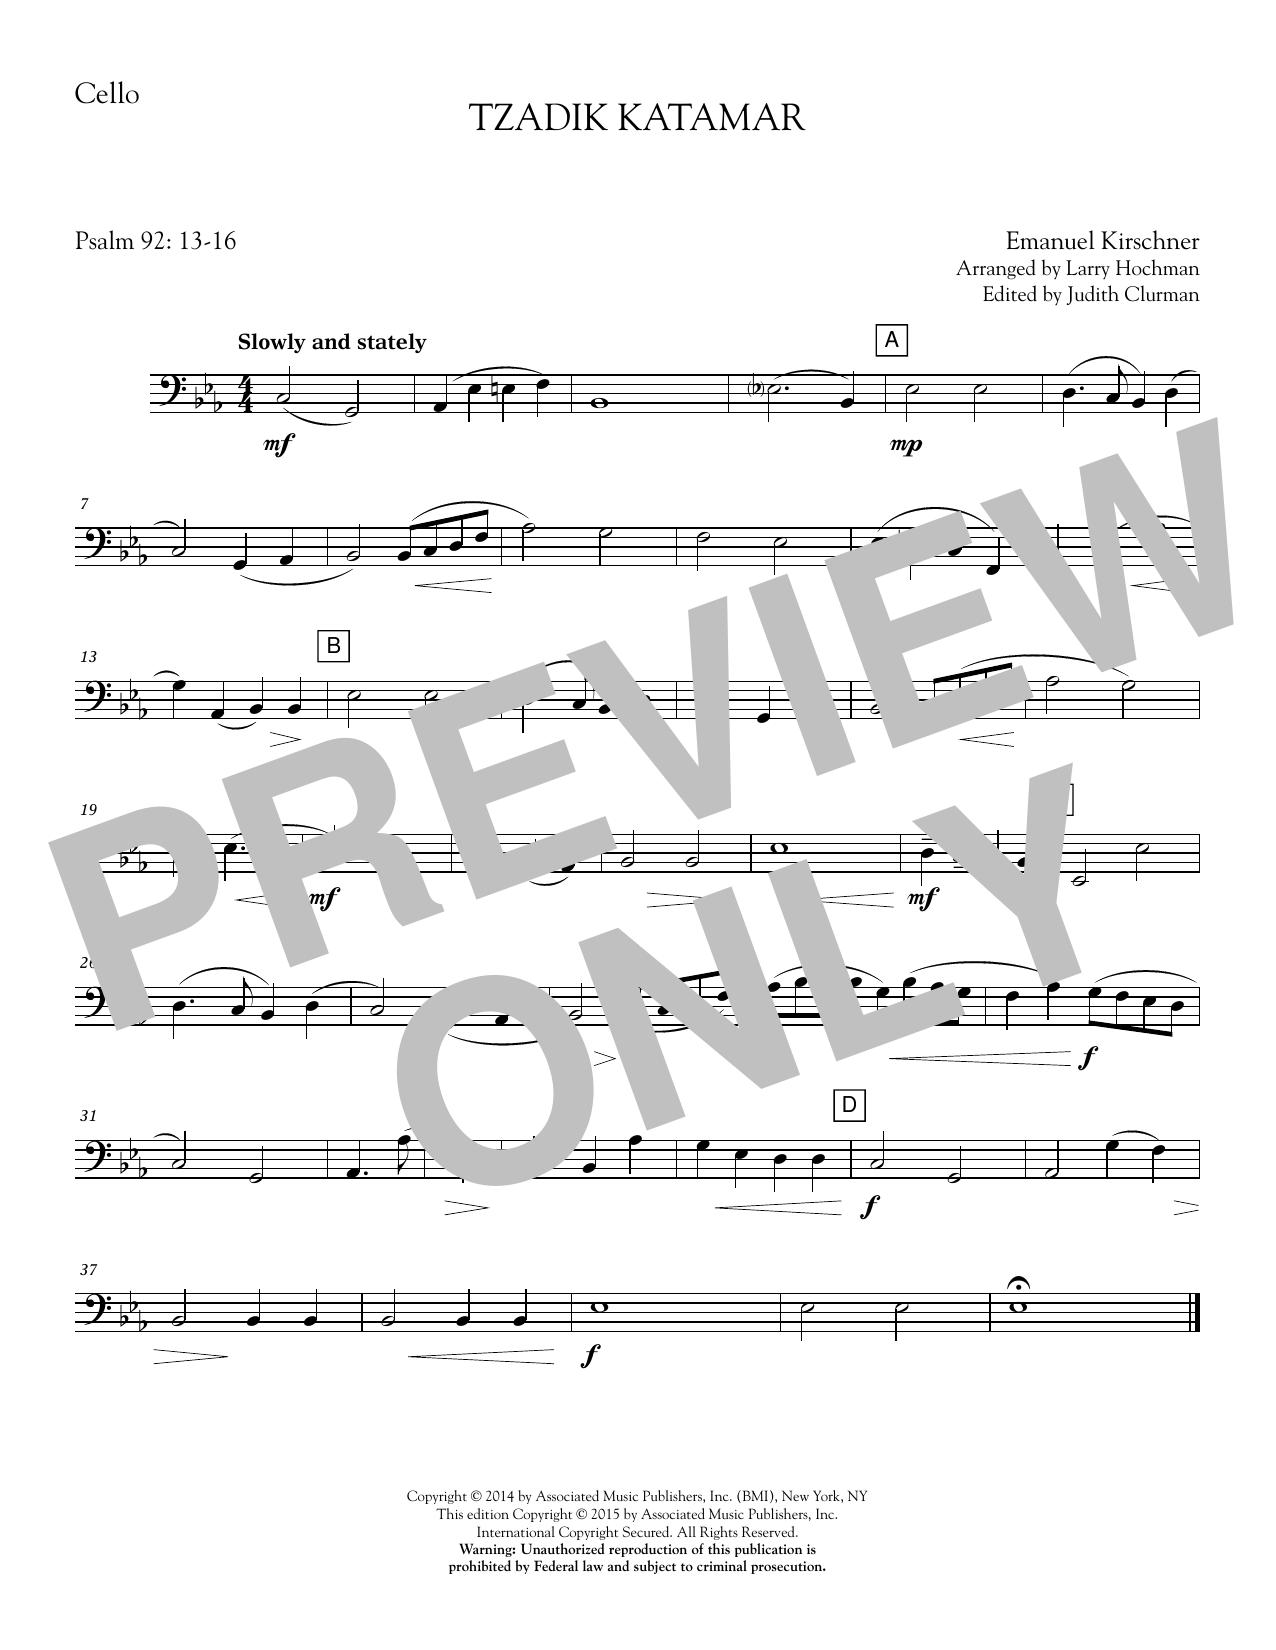 Tzadik Katamar - Cello Sheet Music